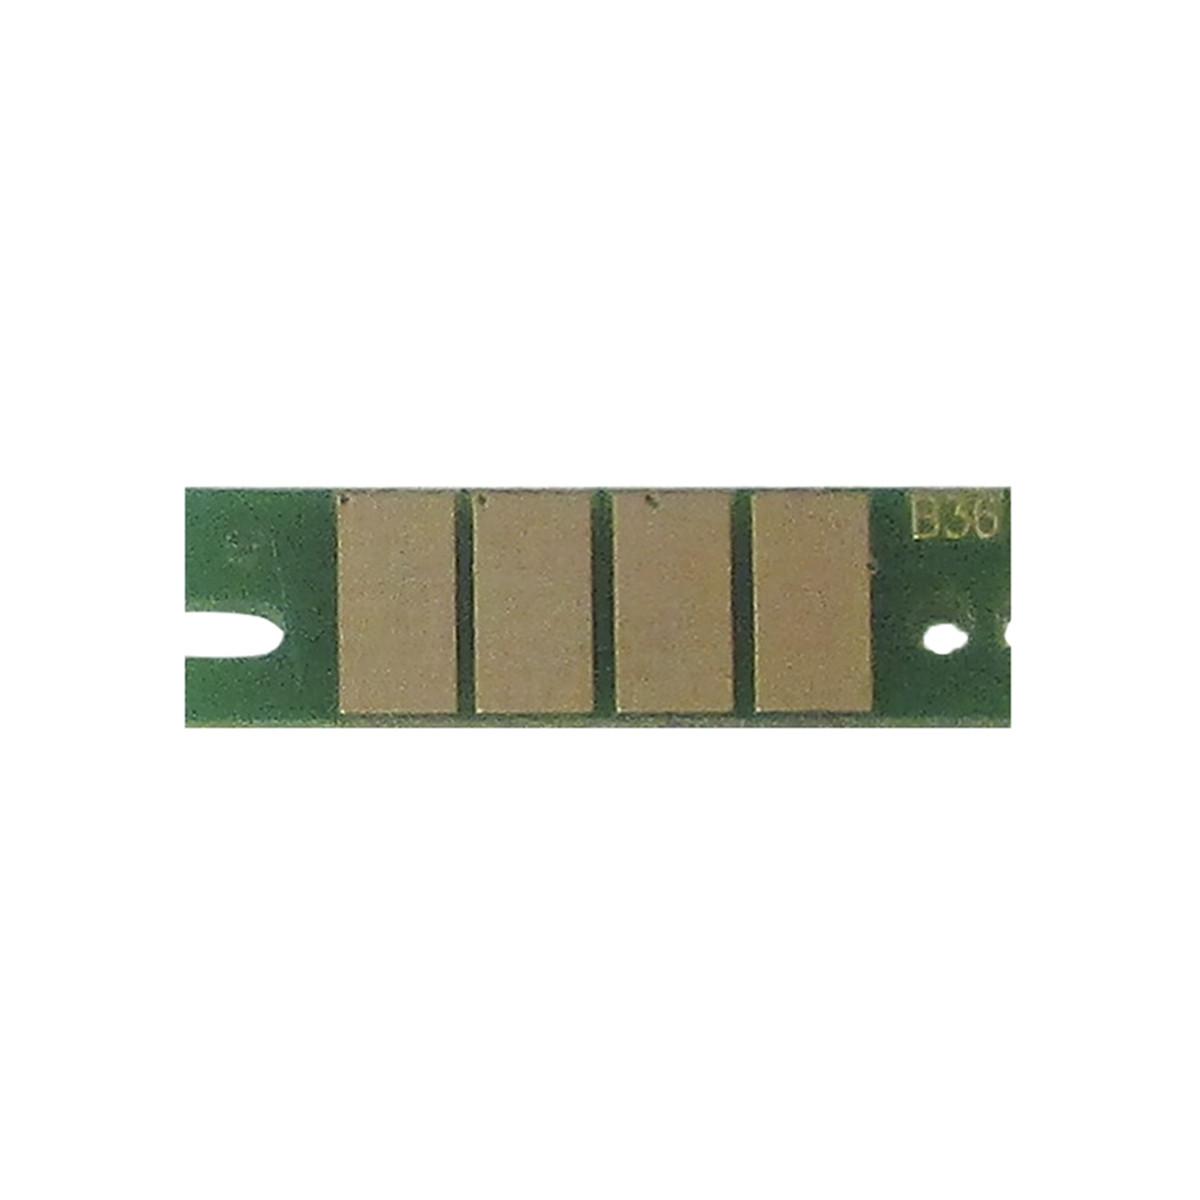 Chip para Cilindro Ricoh SP-4500HA | SP4500 SP4510 SP4510SF SP4500HA | 20.000 páginas